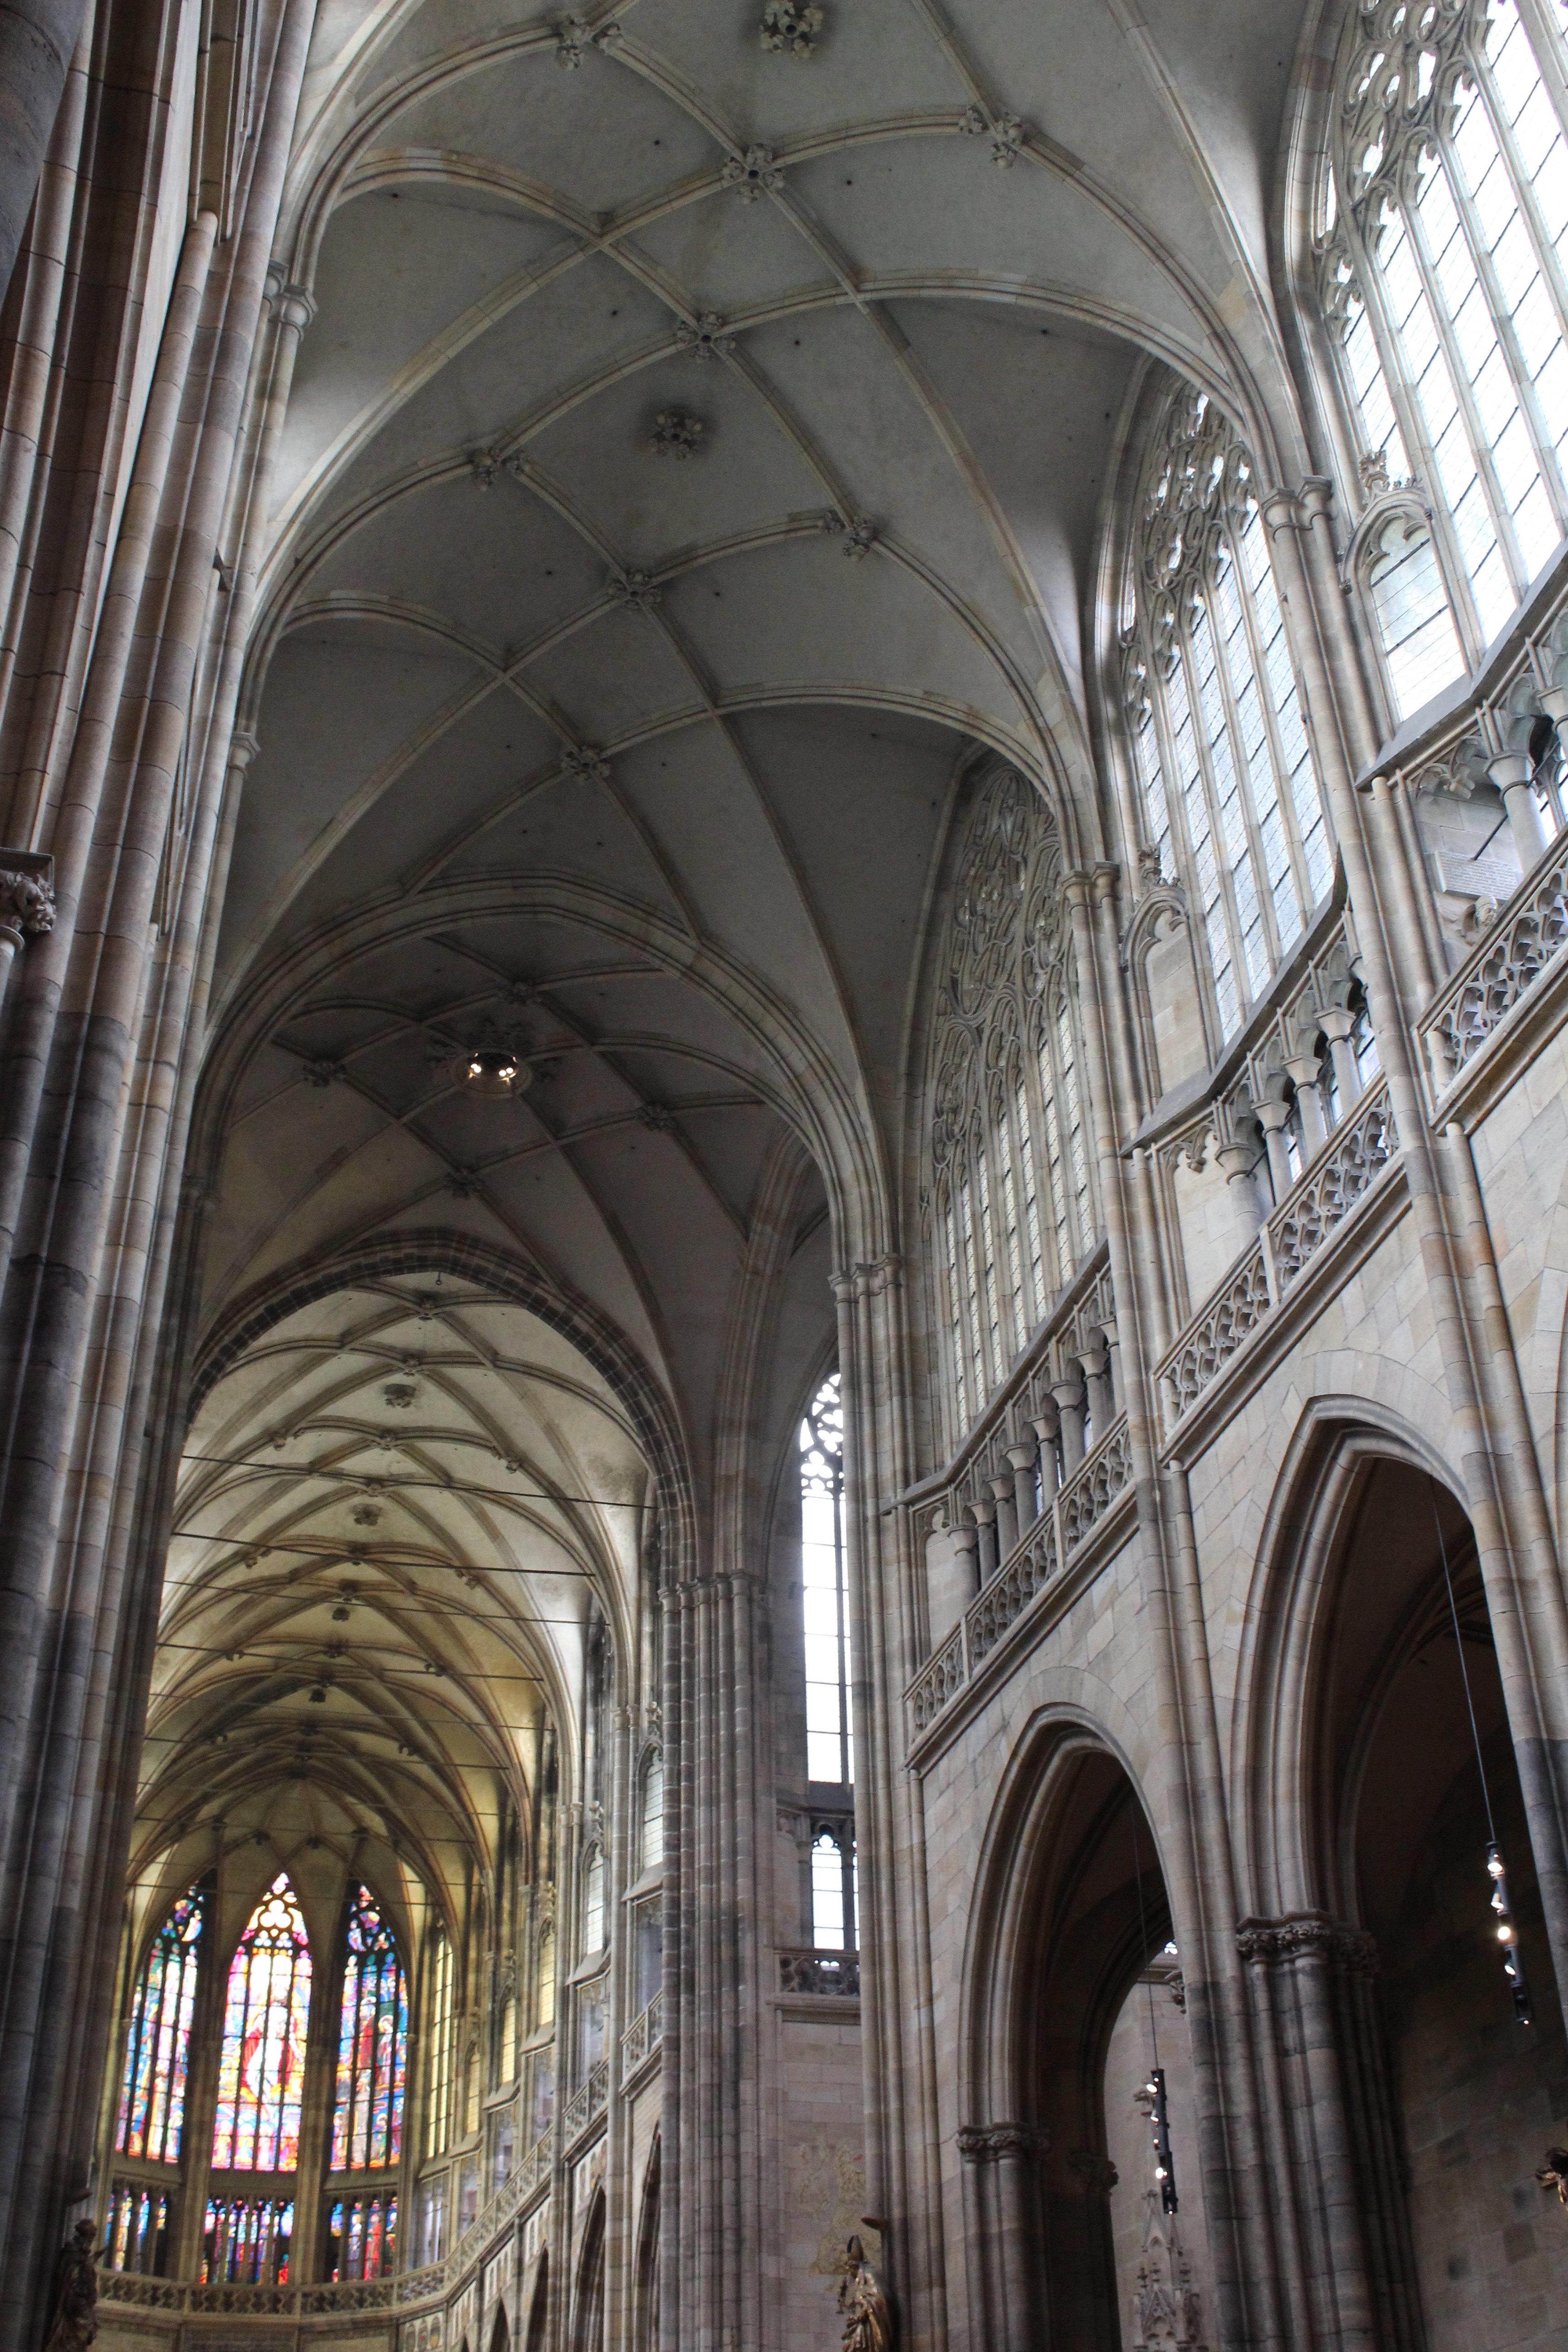 如果你到欧洲旅游不到捷克首都布拉格来会很遗憾,很遗憾!因为它是世界上第一个以整座城市被列为世界文化遗产保护的地方,因为历代国王厌恶战争,始终保持中立,所以留下许许多多个个世纪建筑风格的古迹,就像一部历史传记,为今天的人们展现过去的岁月痕迹。比如布拉格城堡是最著名的建筑群,圣维特大教堂是布拉格城堡地标建筑,查理大桥是欧洲最古最长的桥等等。下面照片为证。